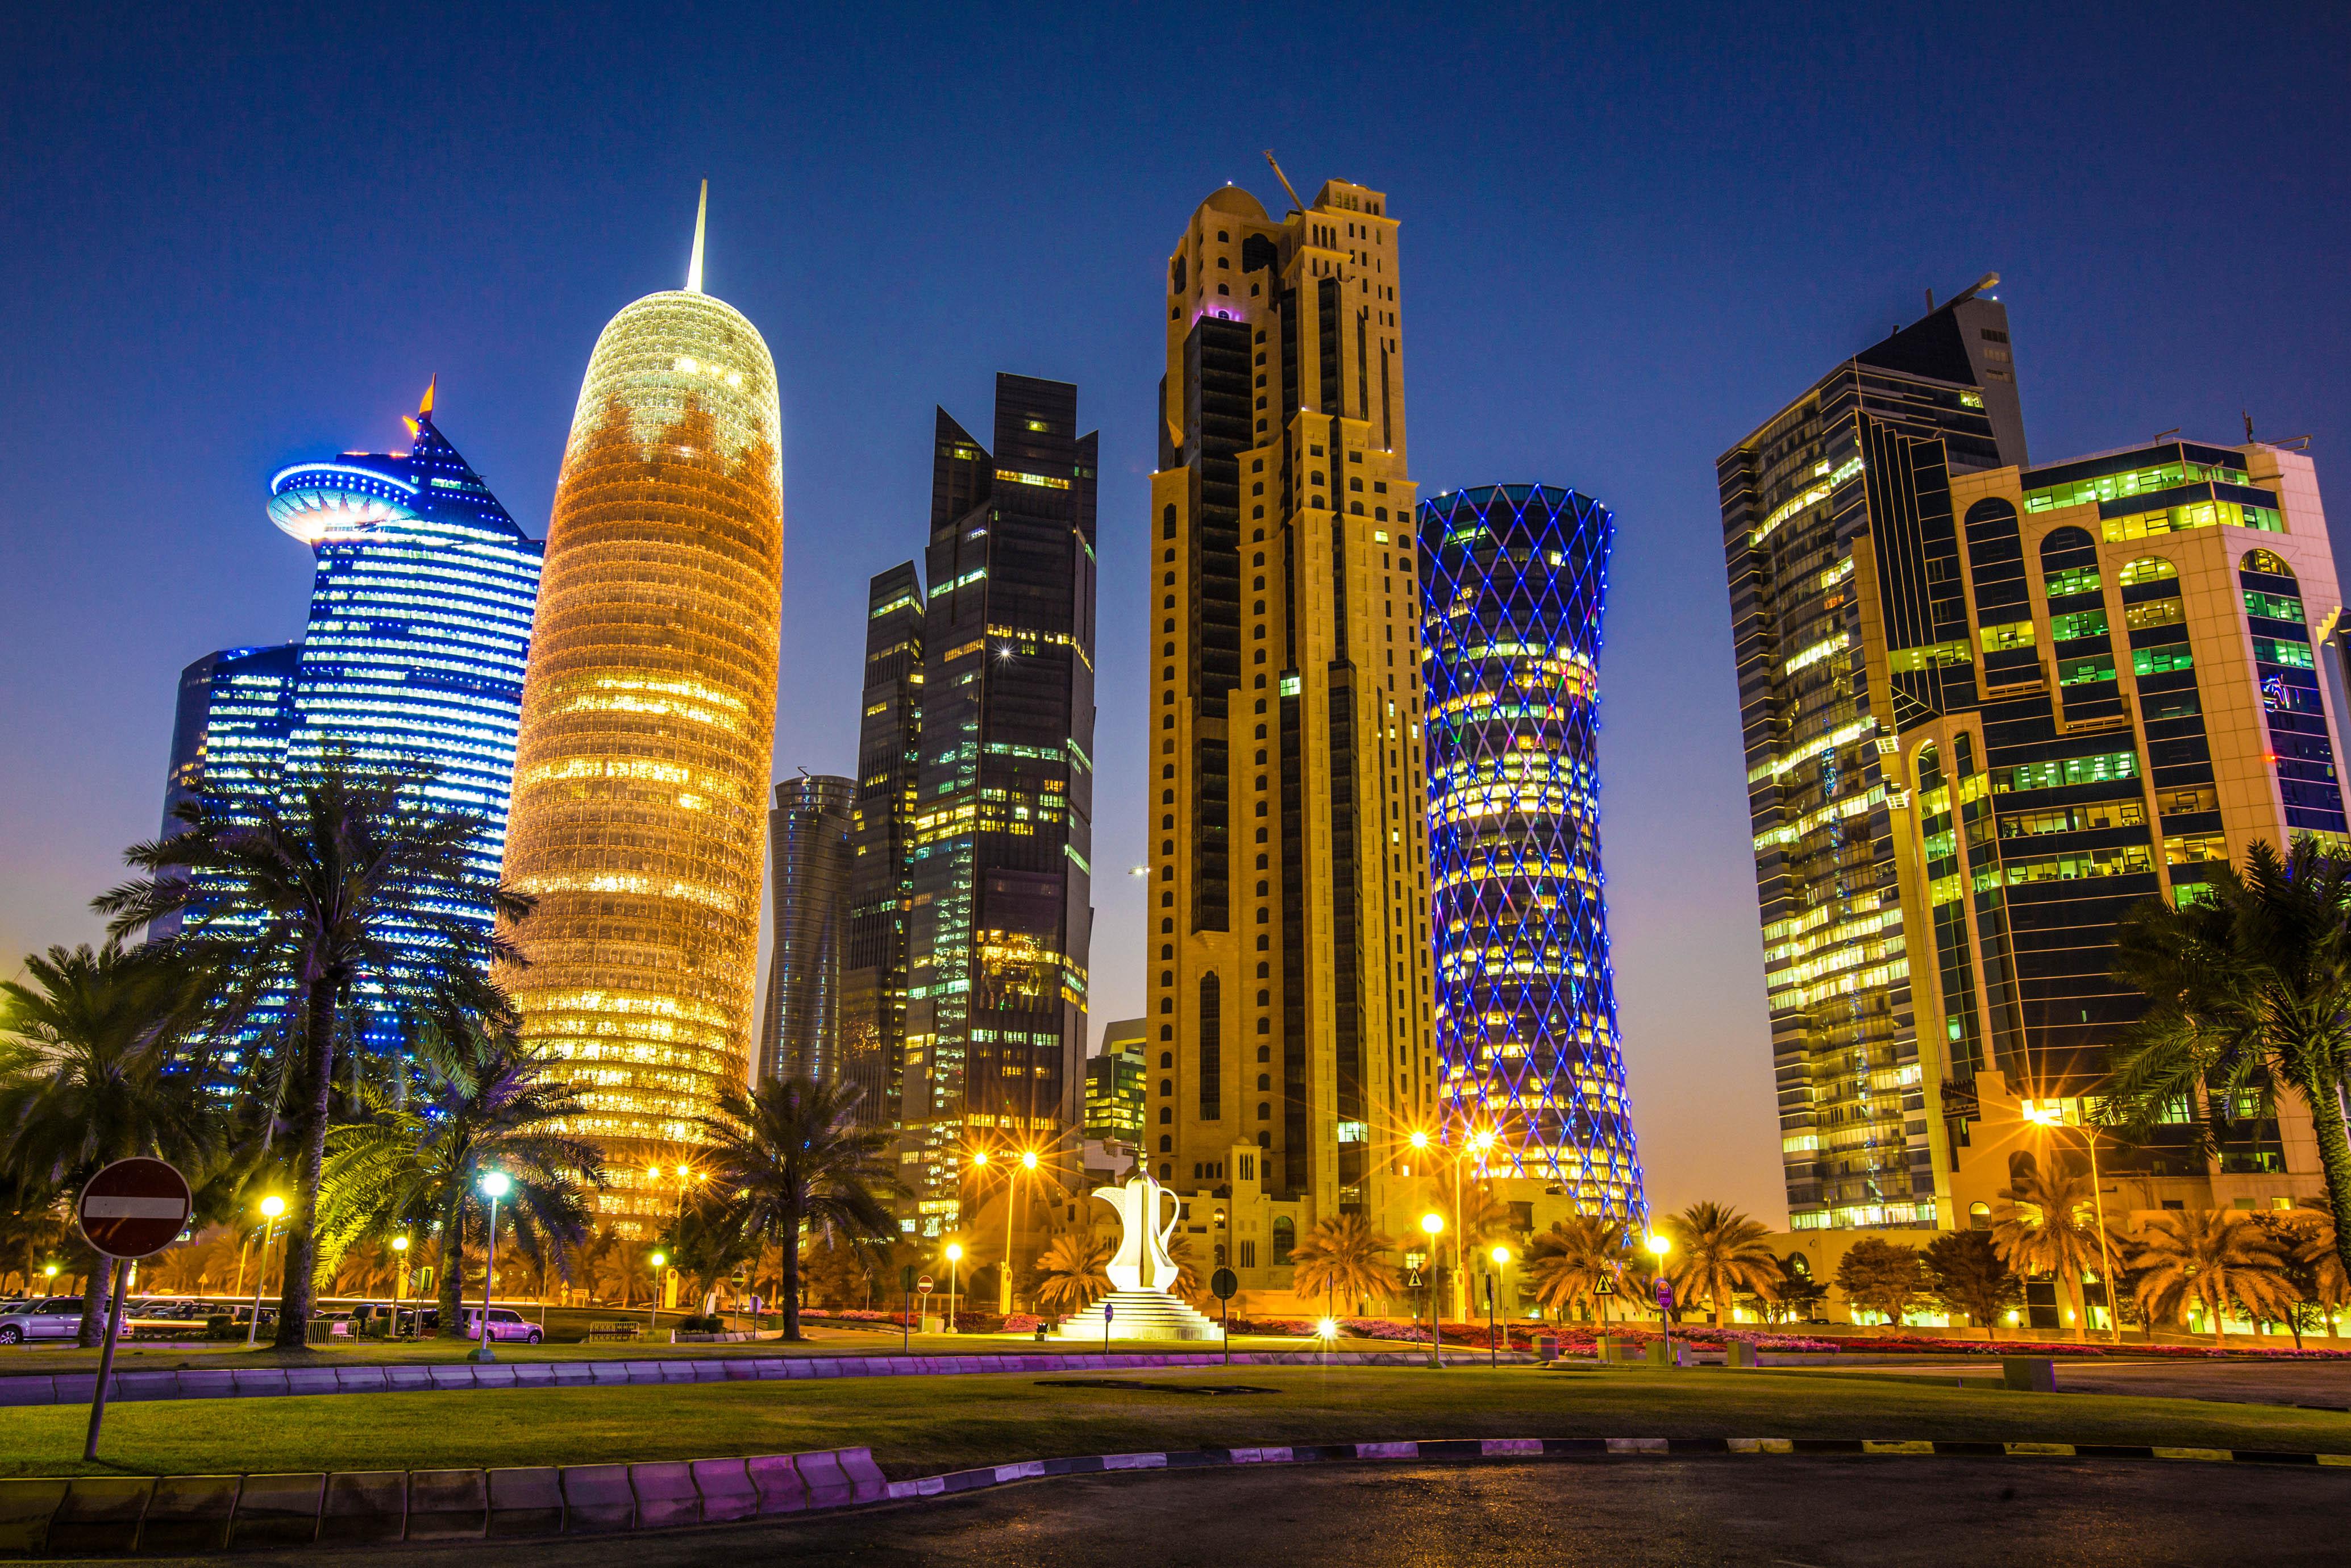 Stopover in Katar